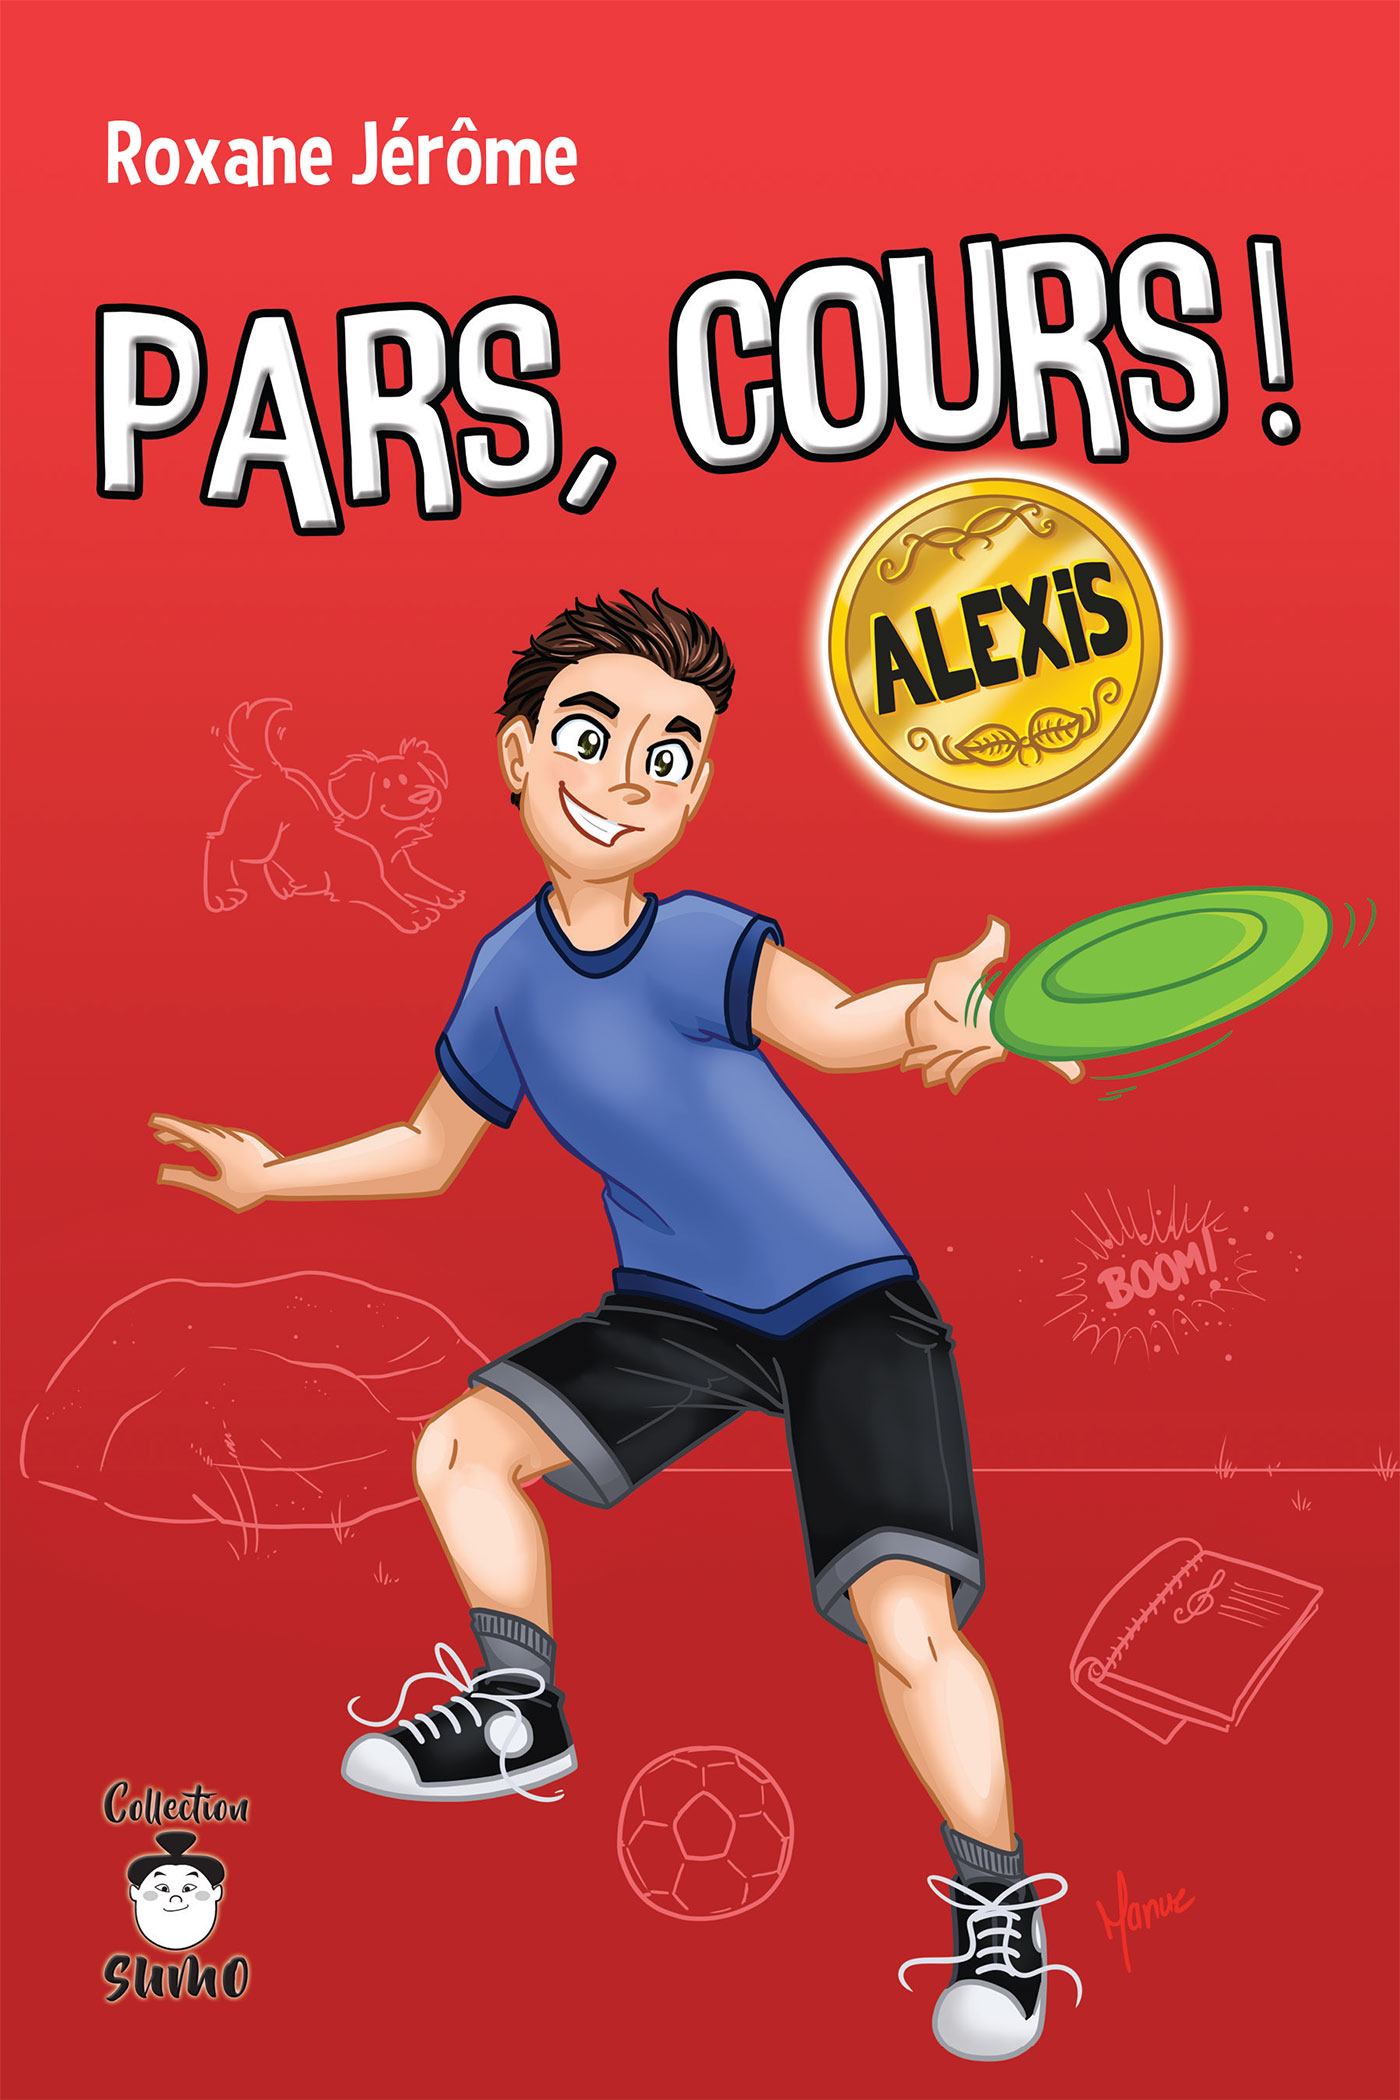 Pars, cours ! Alexis